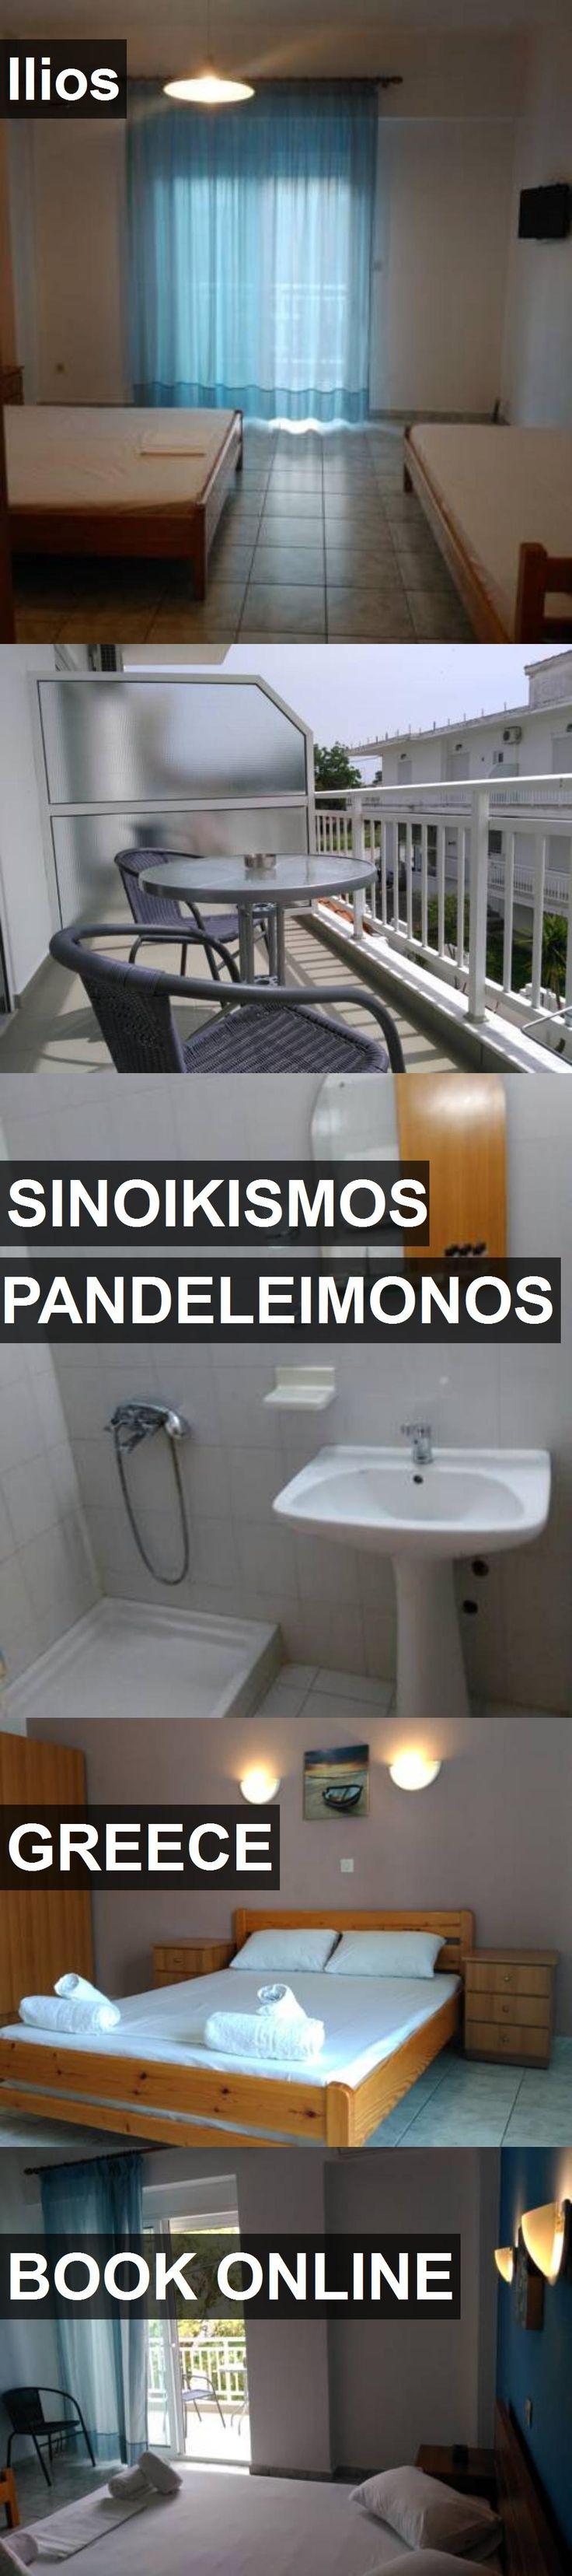 Hotel Ilios in Sinoikismos Pandeleimonos, Greece. For more information, photos, reviews and best prices please follow the link. #Greece #SinoikismosPandeleimonos #travel #vacation #hotel